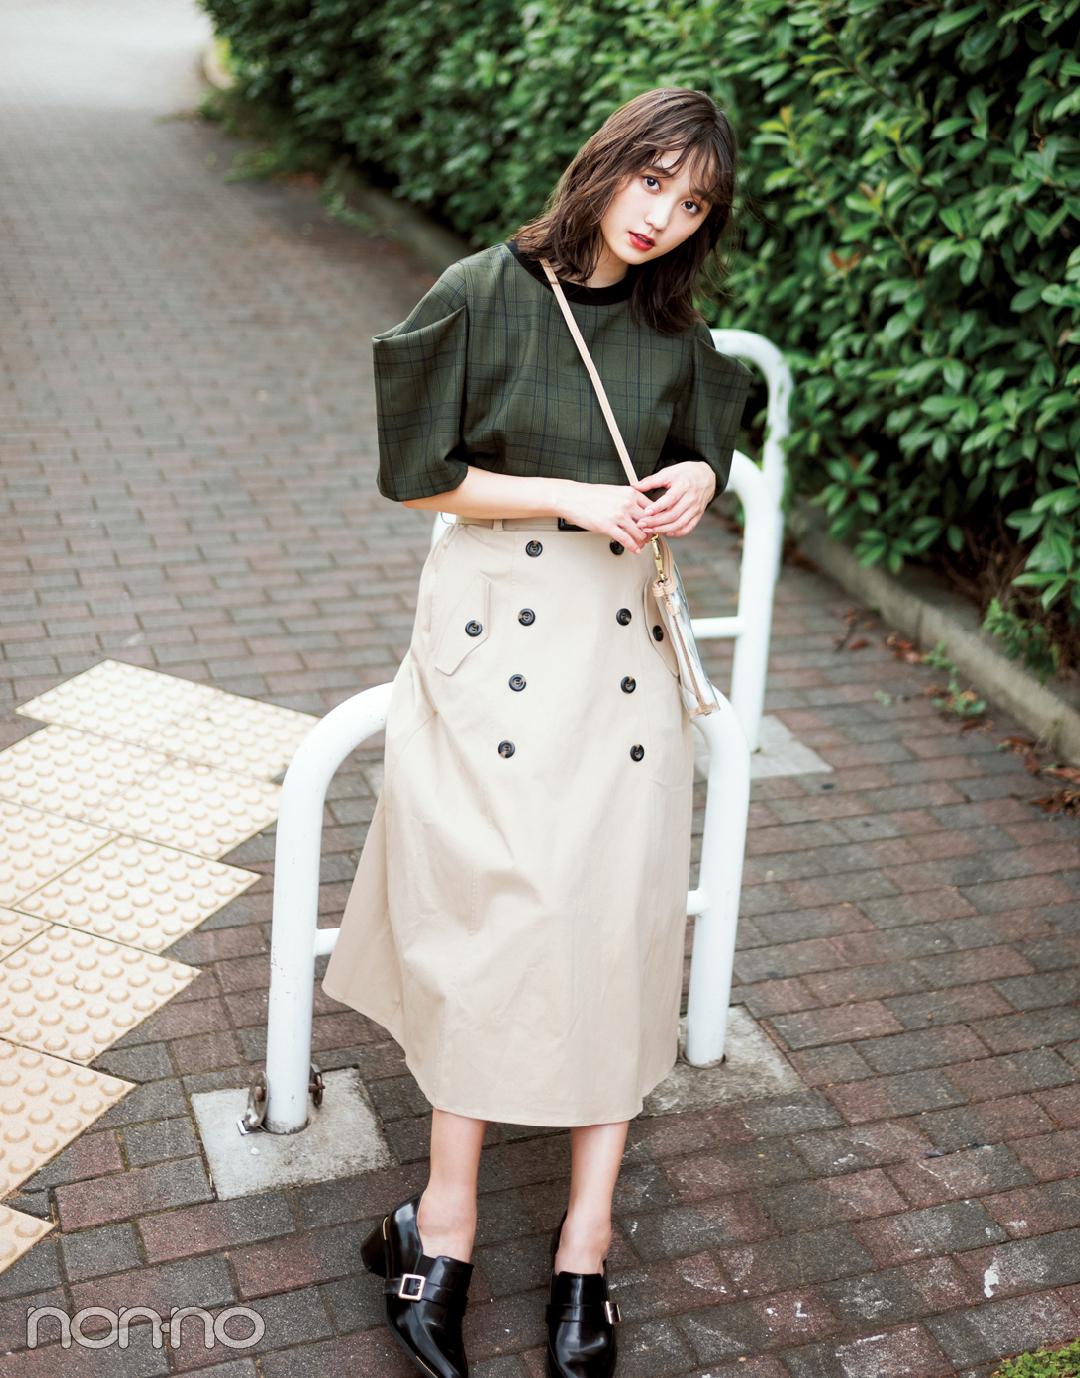 【2018秋冬スカートコーデ】ロングスカート×ブラウス